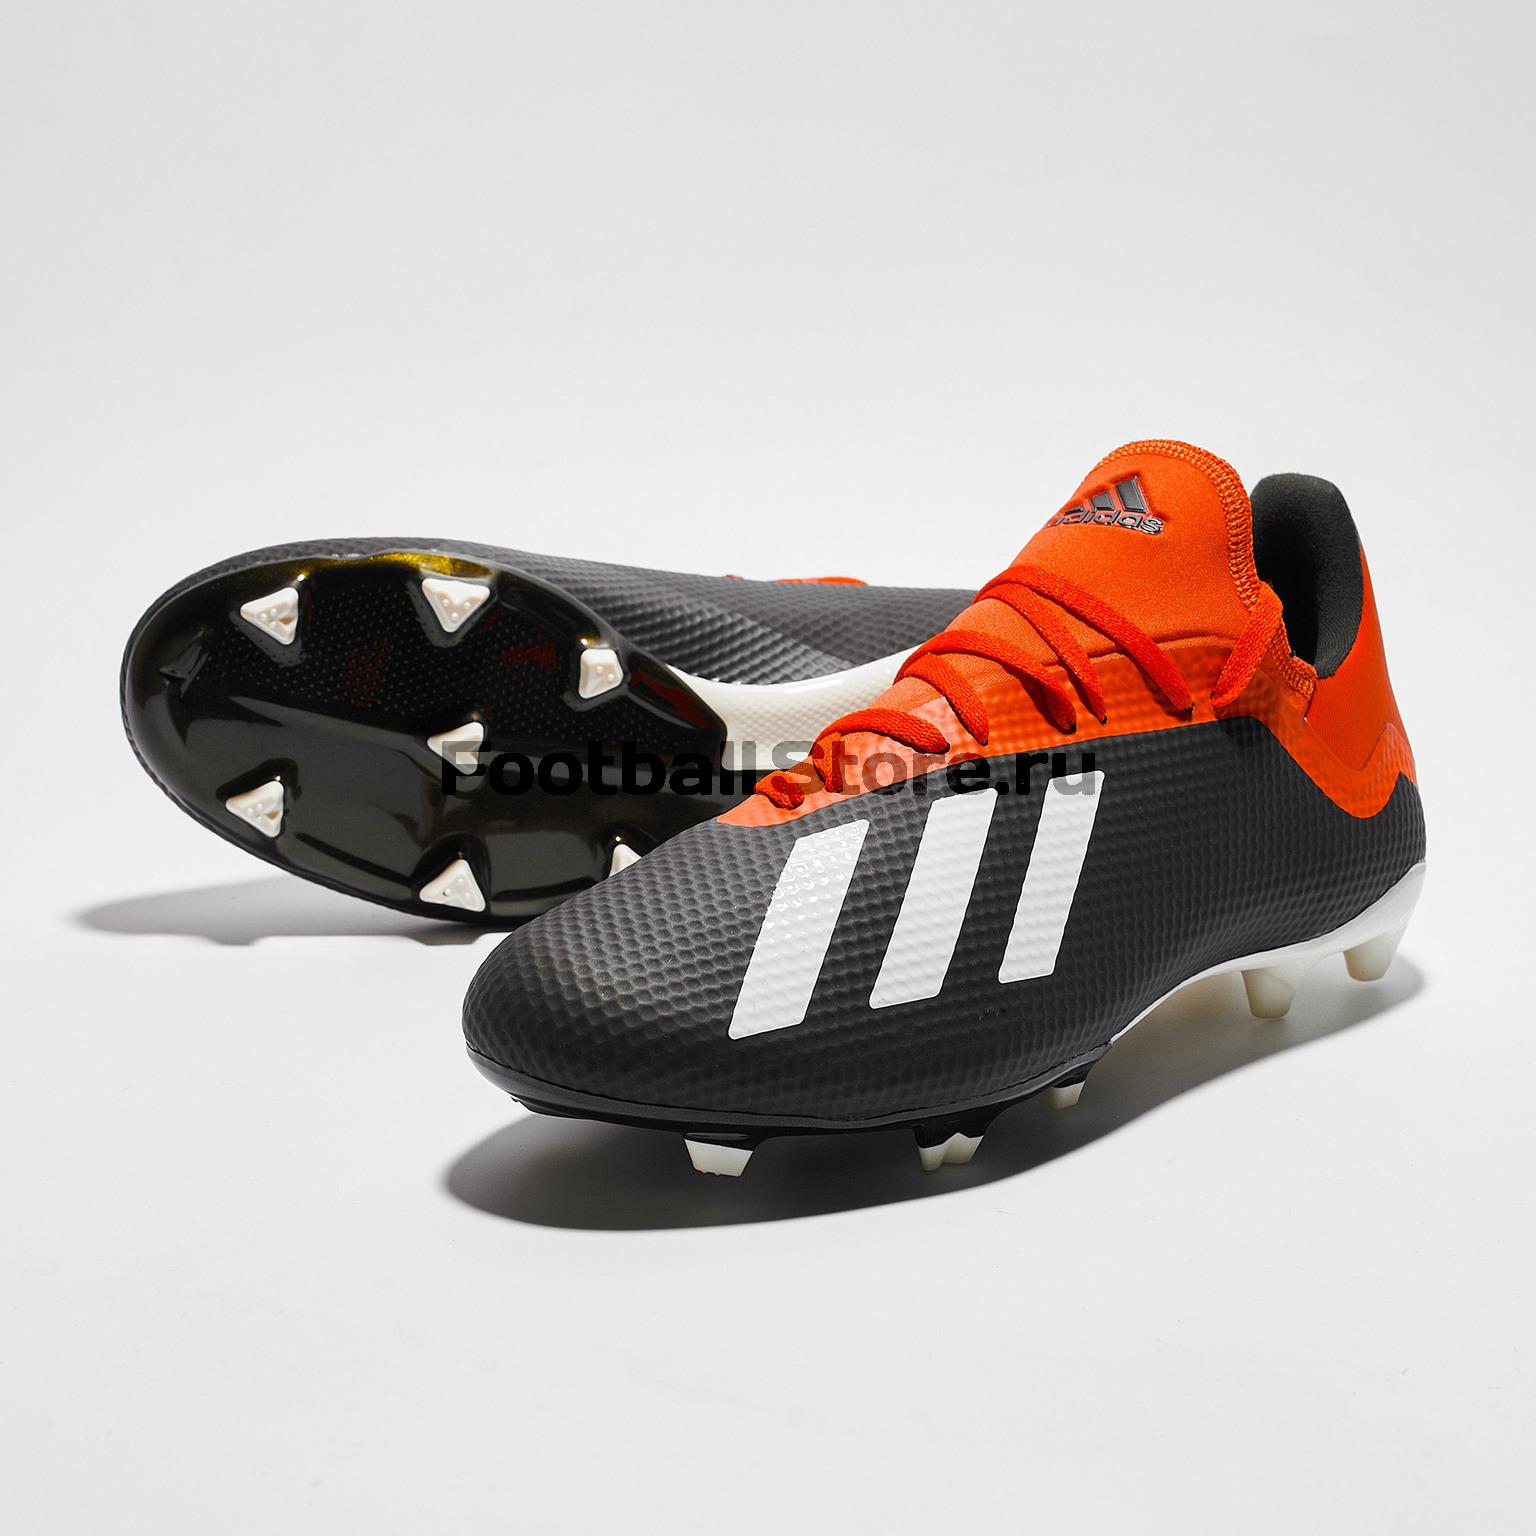 Бутсы Adidas X 18.3 FG BB9366 – купить бутсы в интернет магазине  footballstore, цена, фото 7d80b896eac